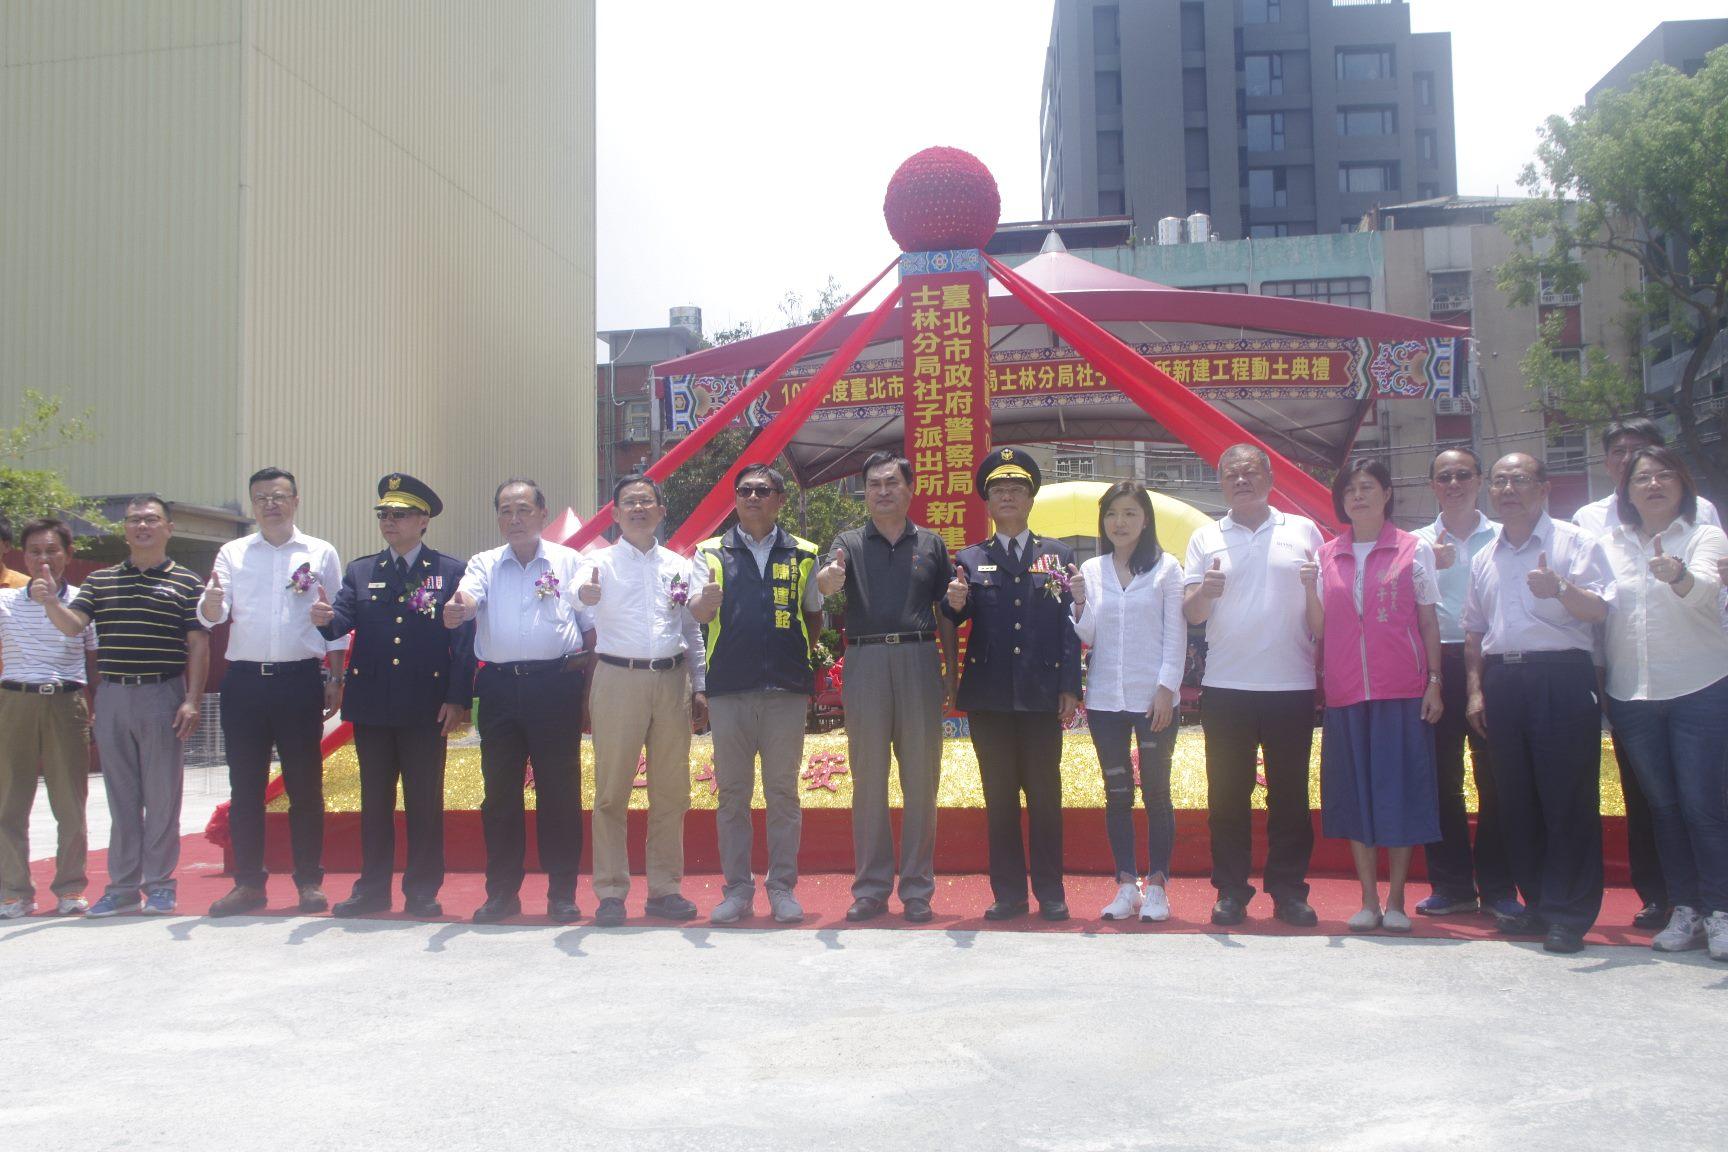 鄧副市長及各民意代表動土儀式合影